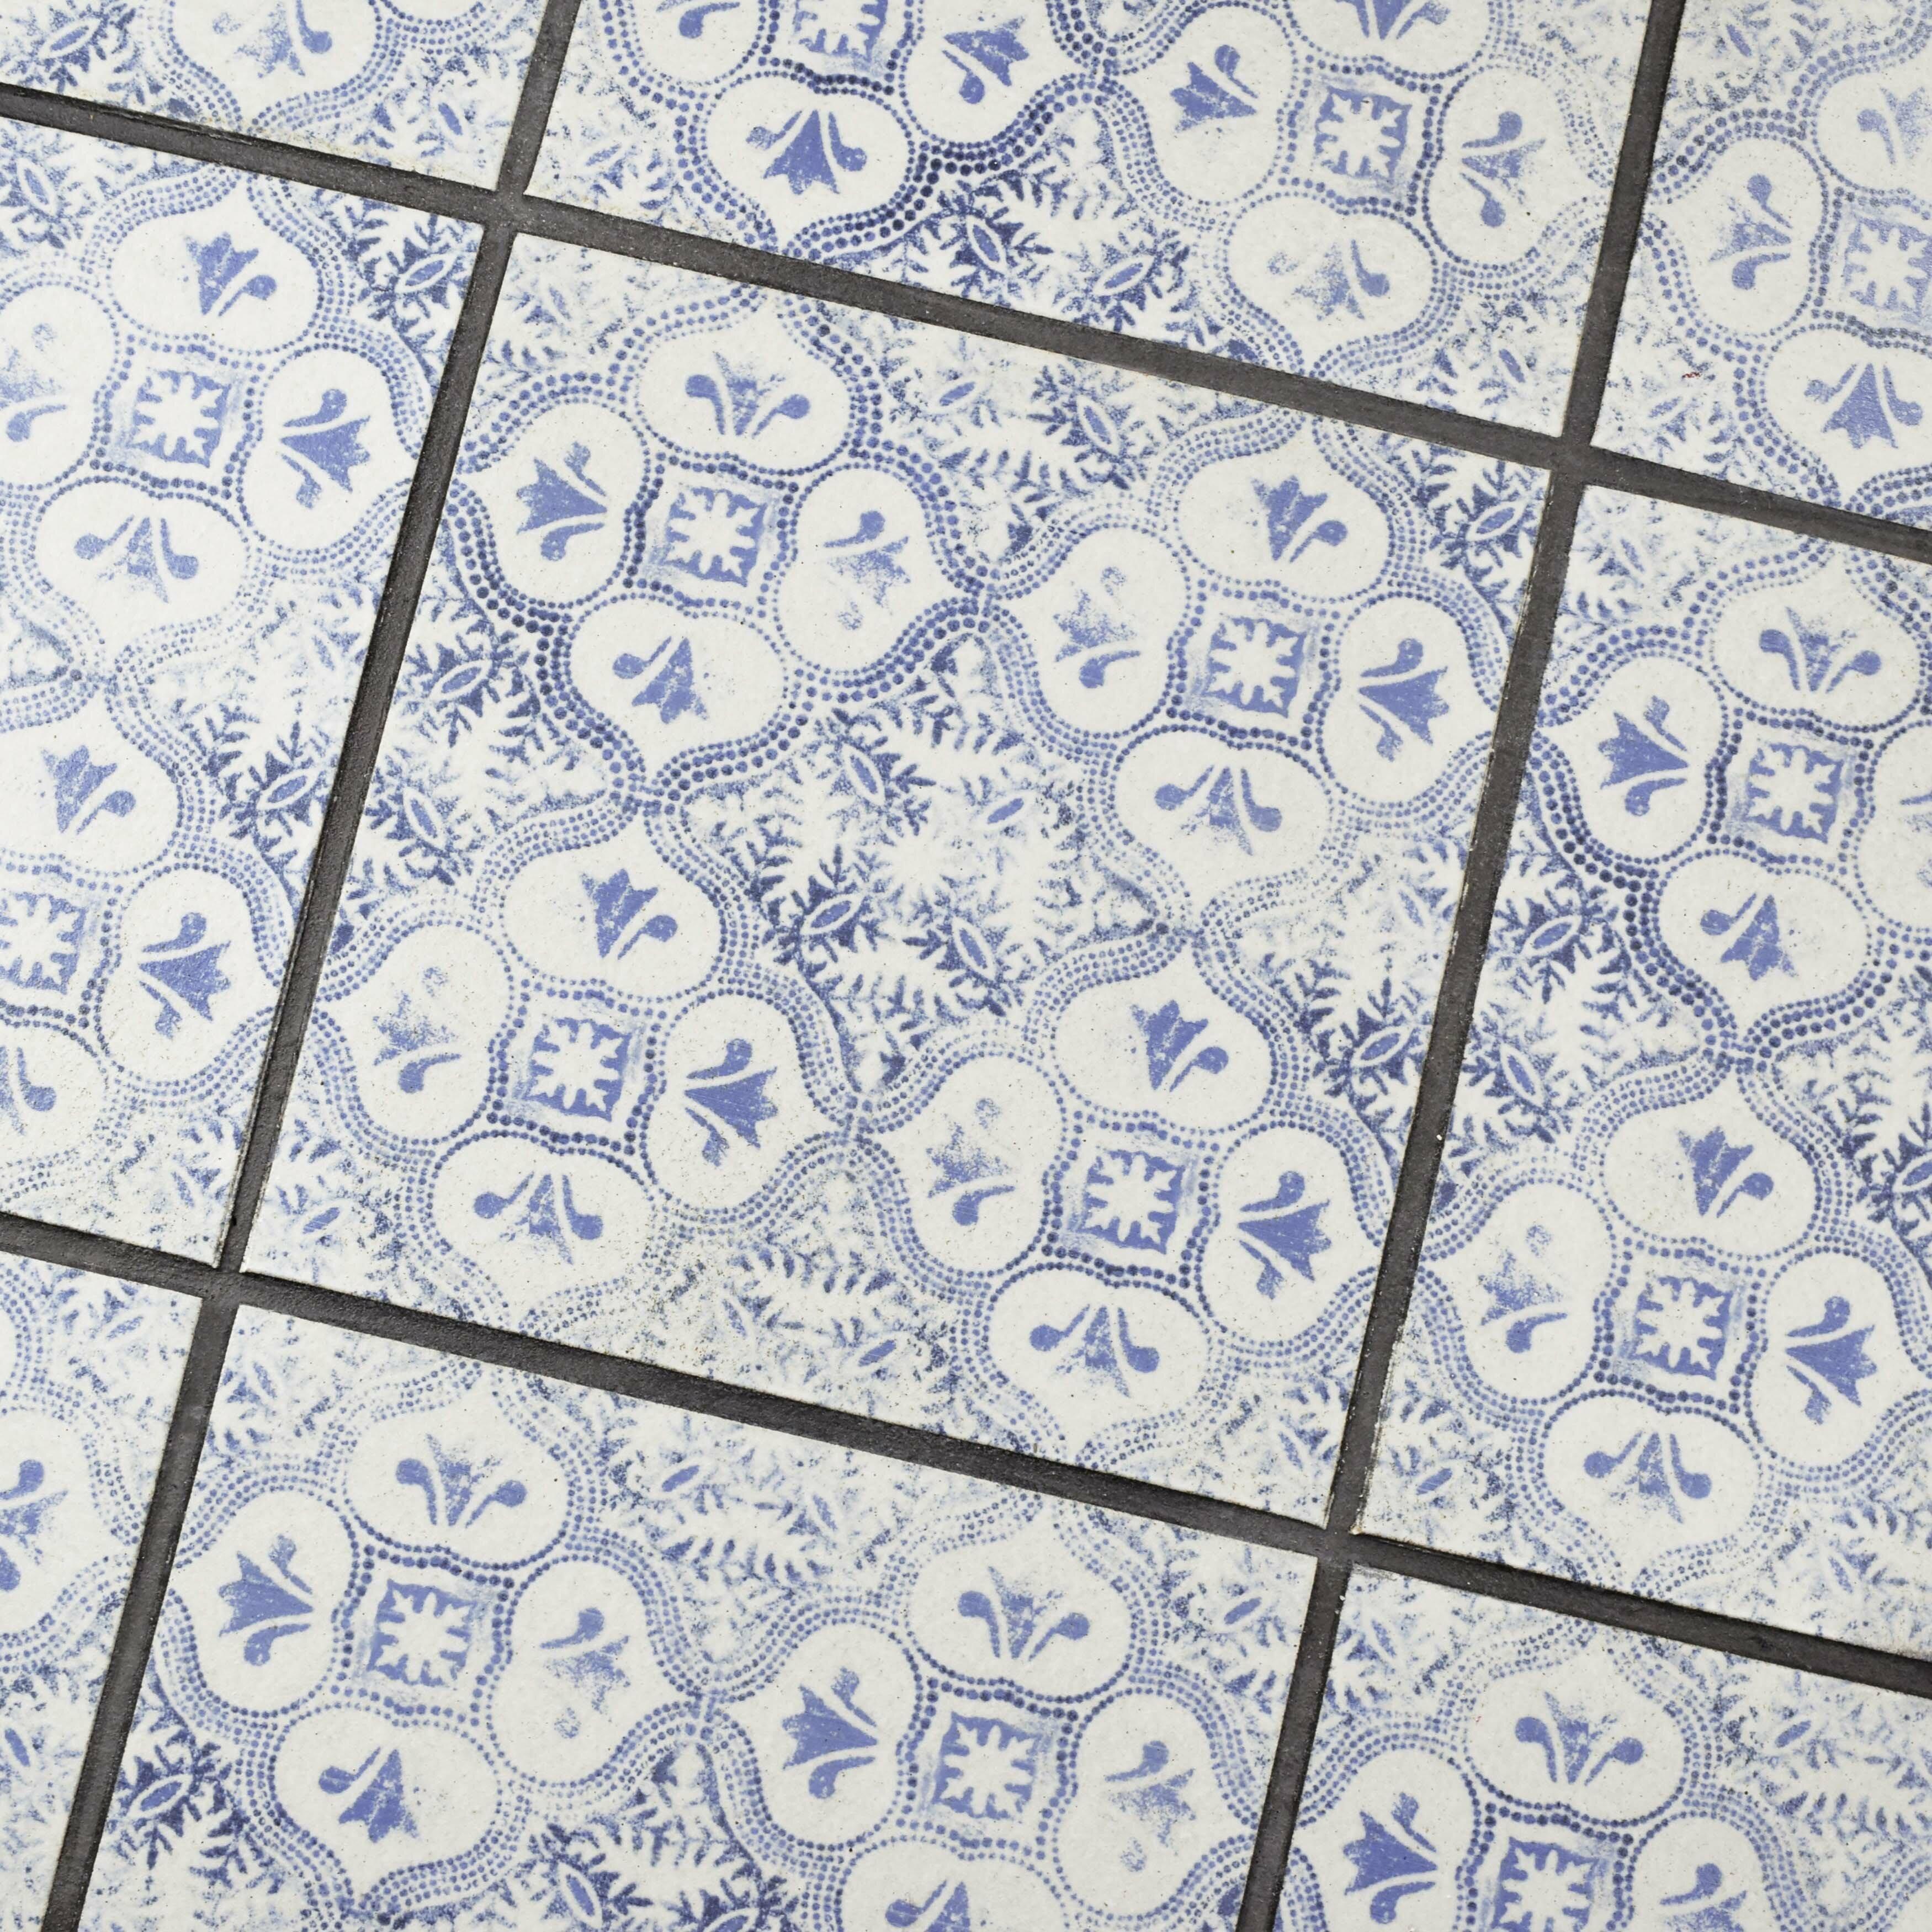 Elitetile shale x ceramic field tile in for 12 x 12 blue ceramic floor tile